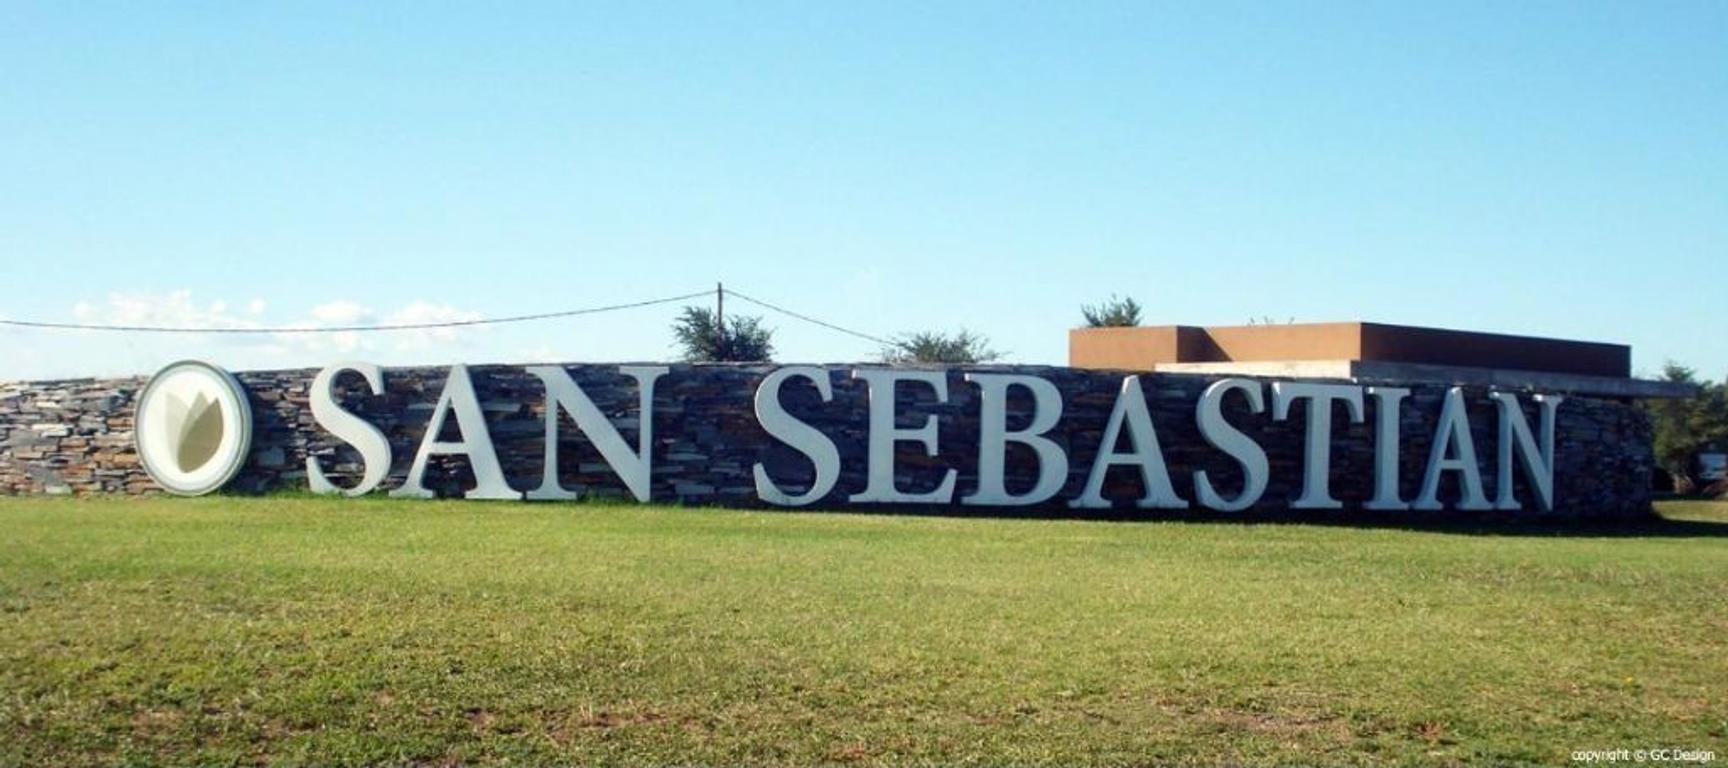 Terreno Lote  en Venta ubicado en San Sebastian, Escobar y alrededores - PIL3602_LP117326_1